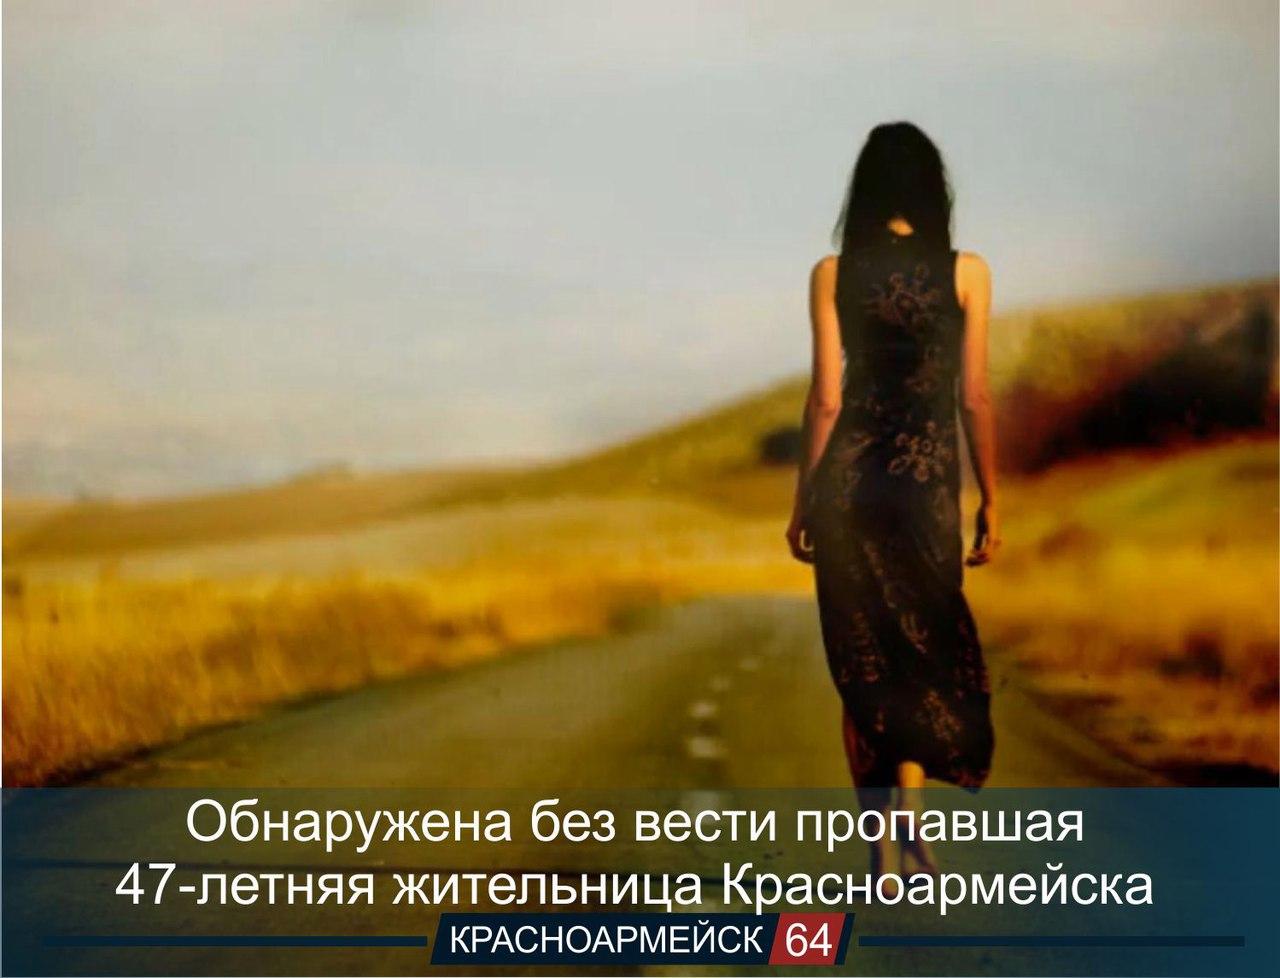 Пропавшую жительницу Красноармейска нашли идущей по дороге